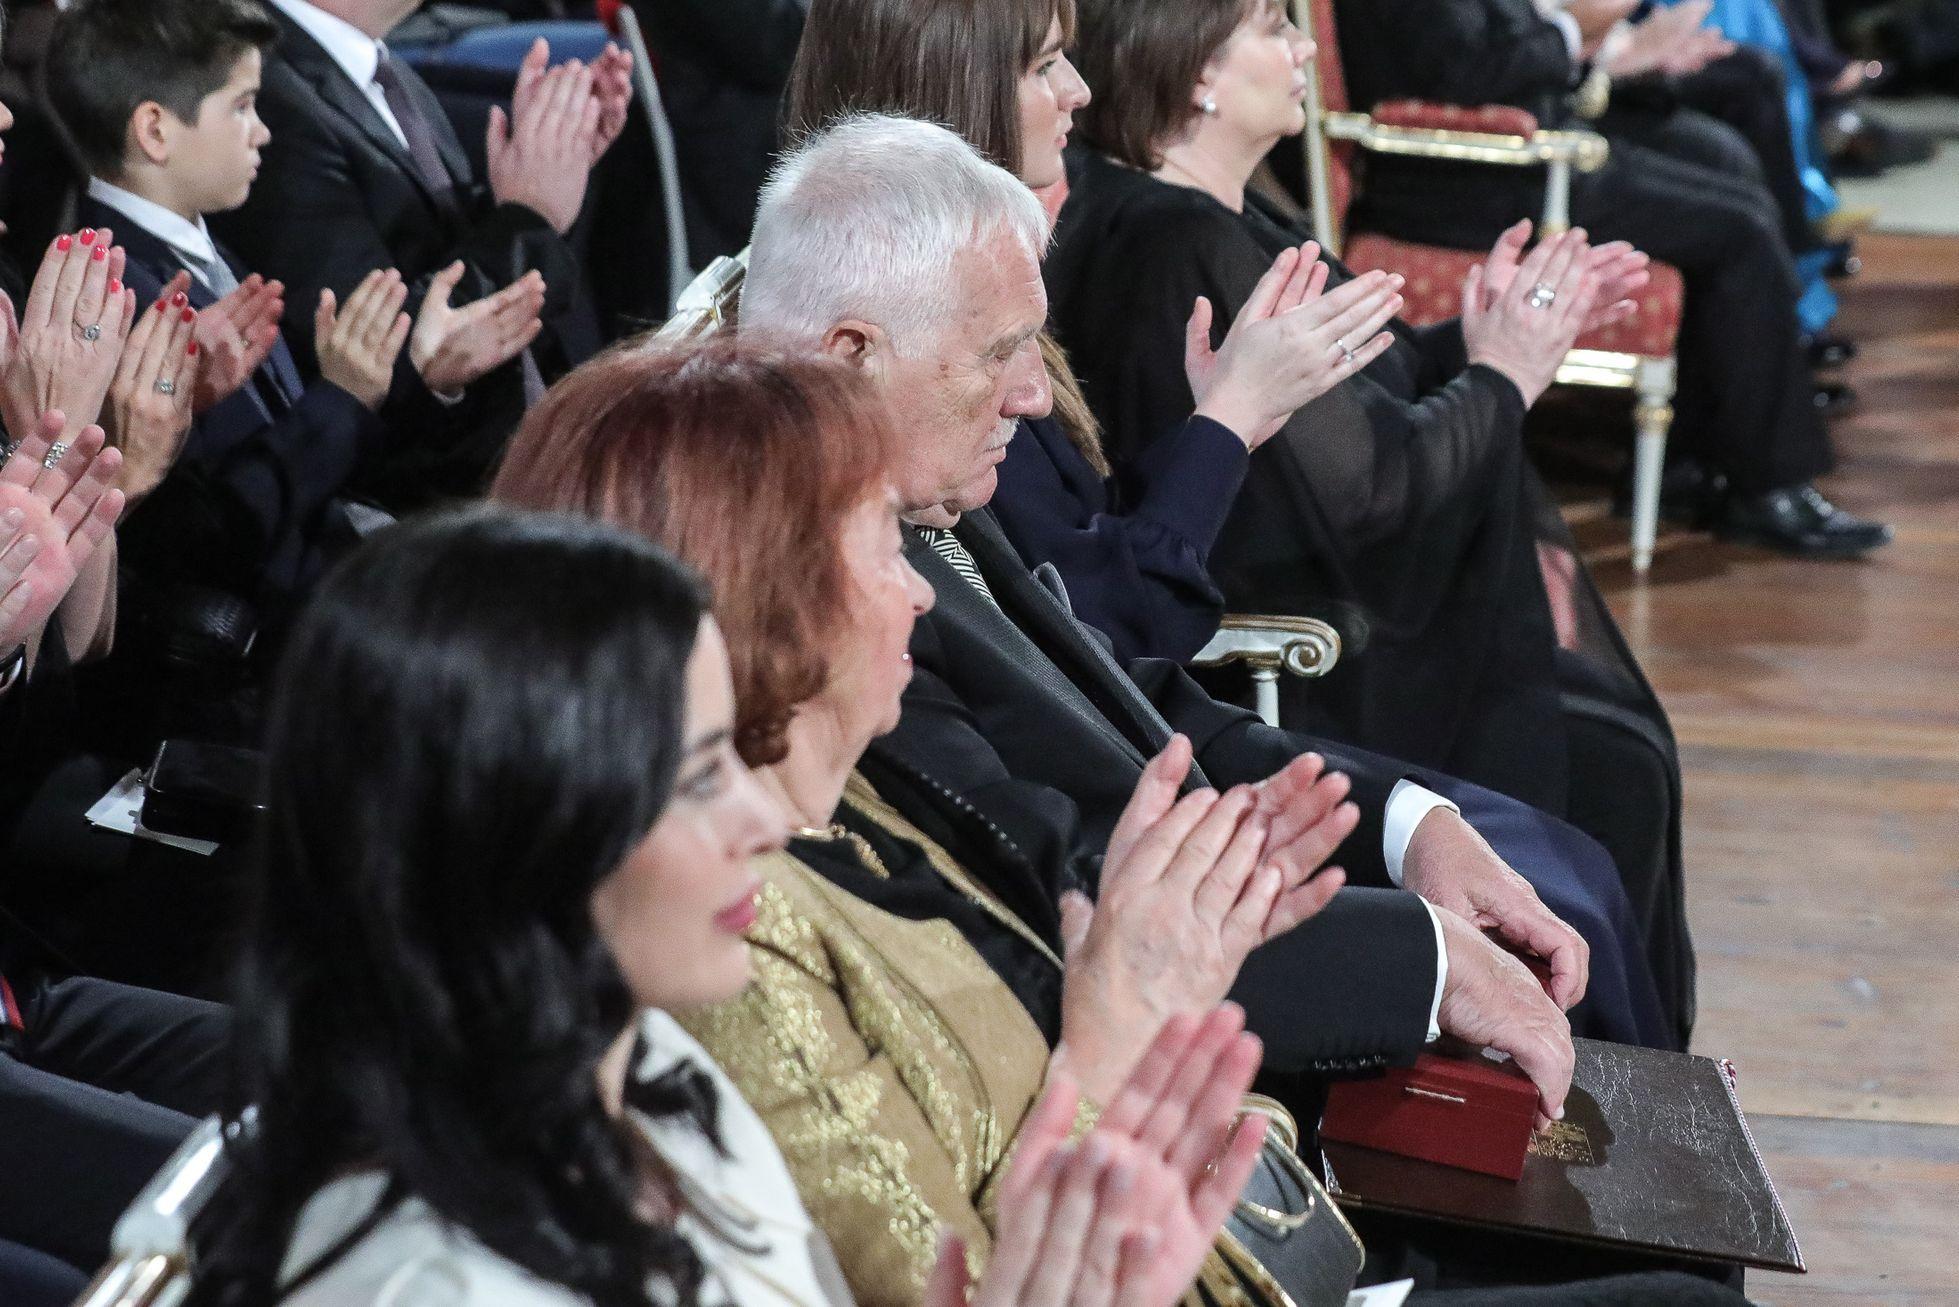 Každý z oceněných kromě medailí dostal ještě pochvalu potleskem od většiny sálu.